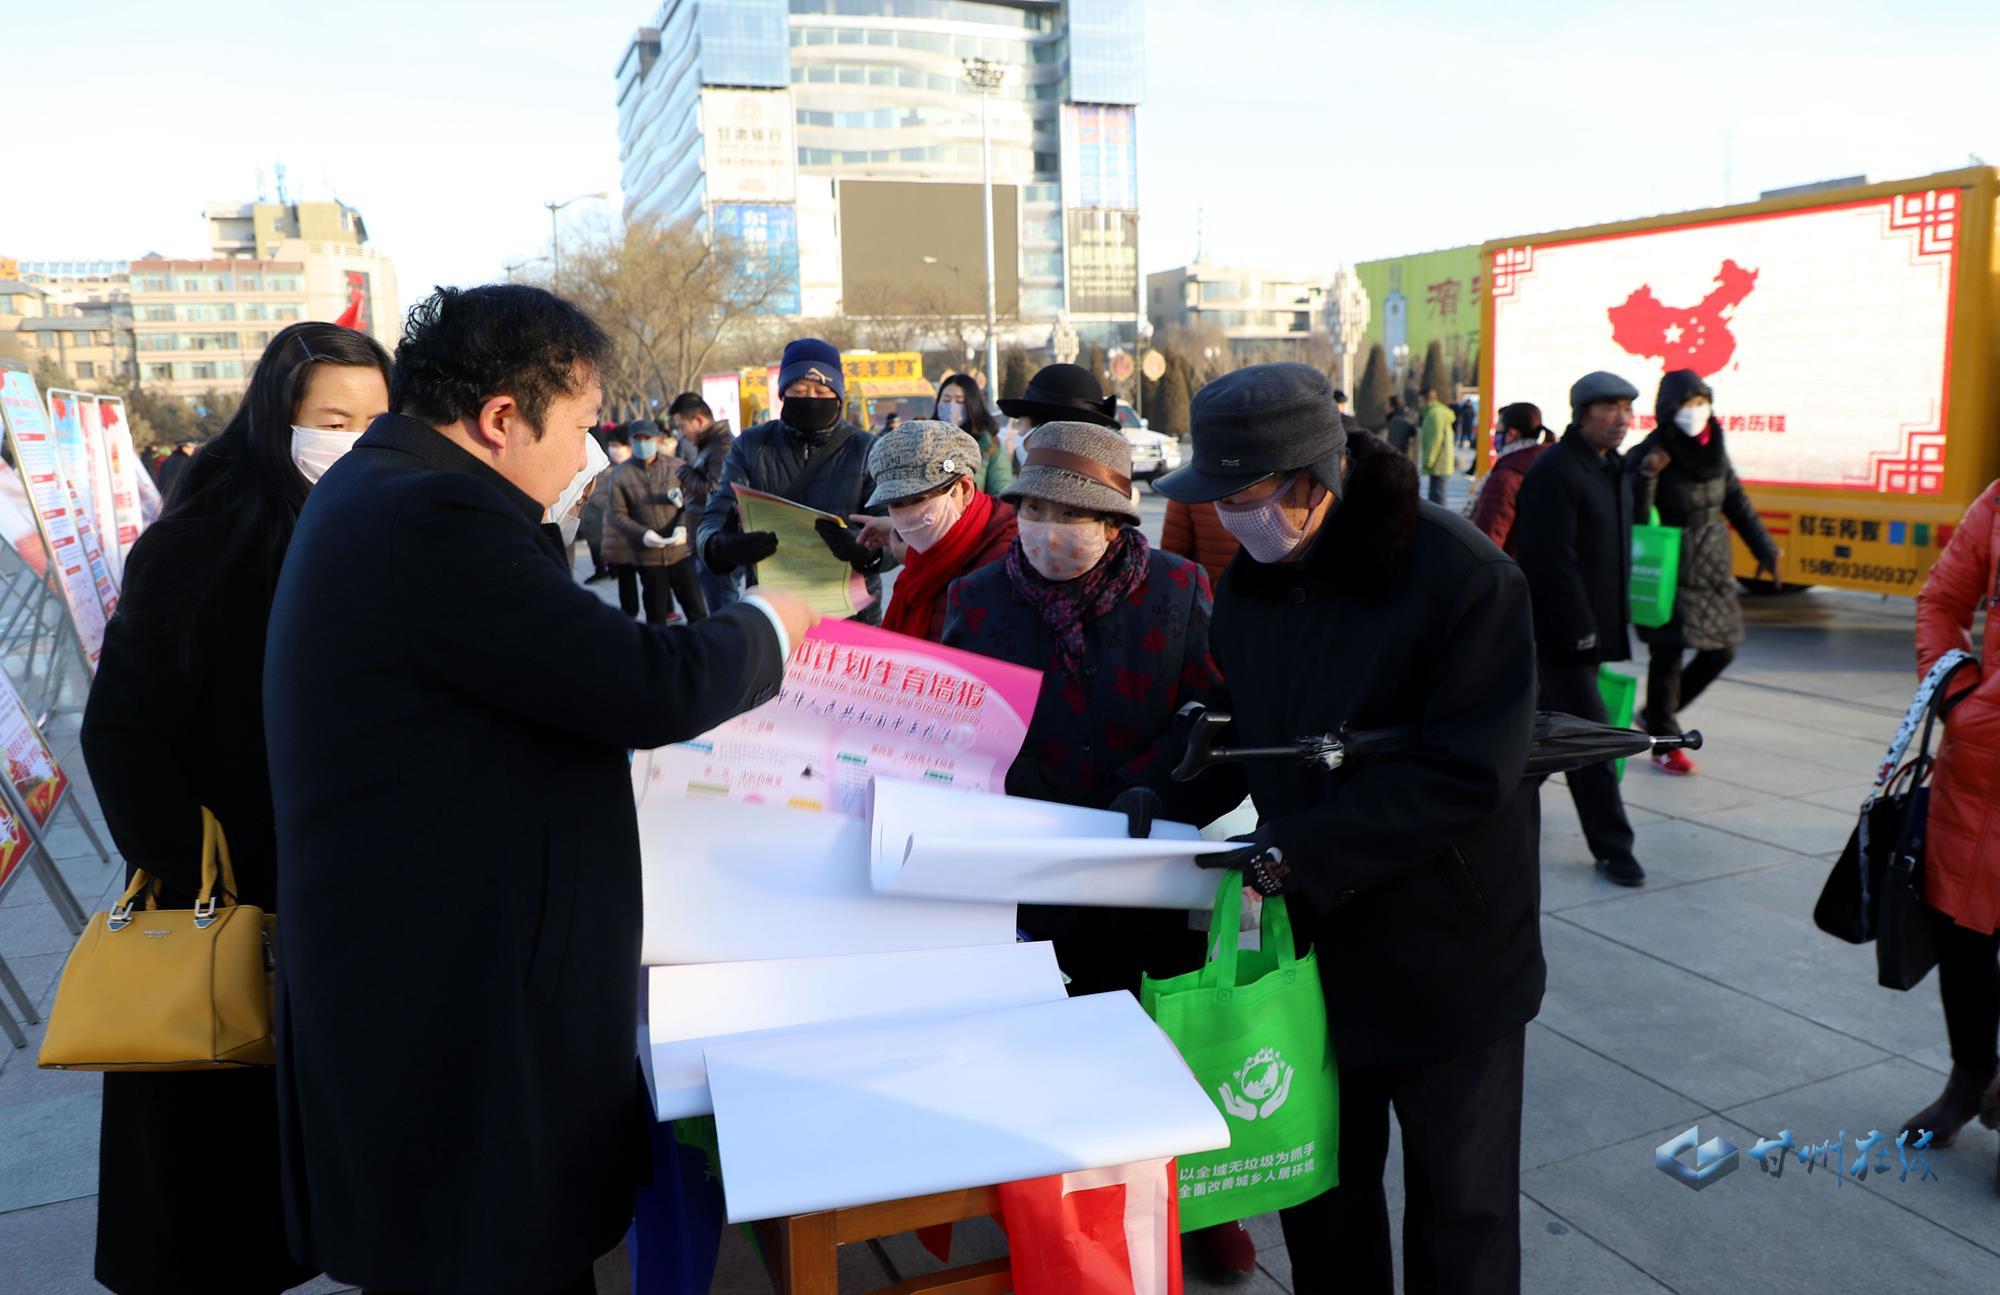 甘州区开展国家宪法日宣传活动